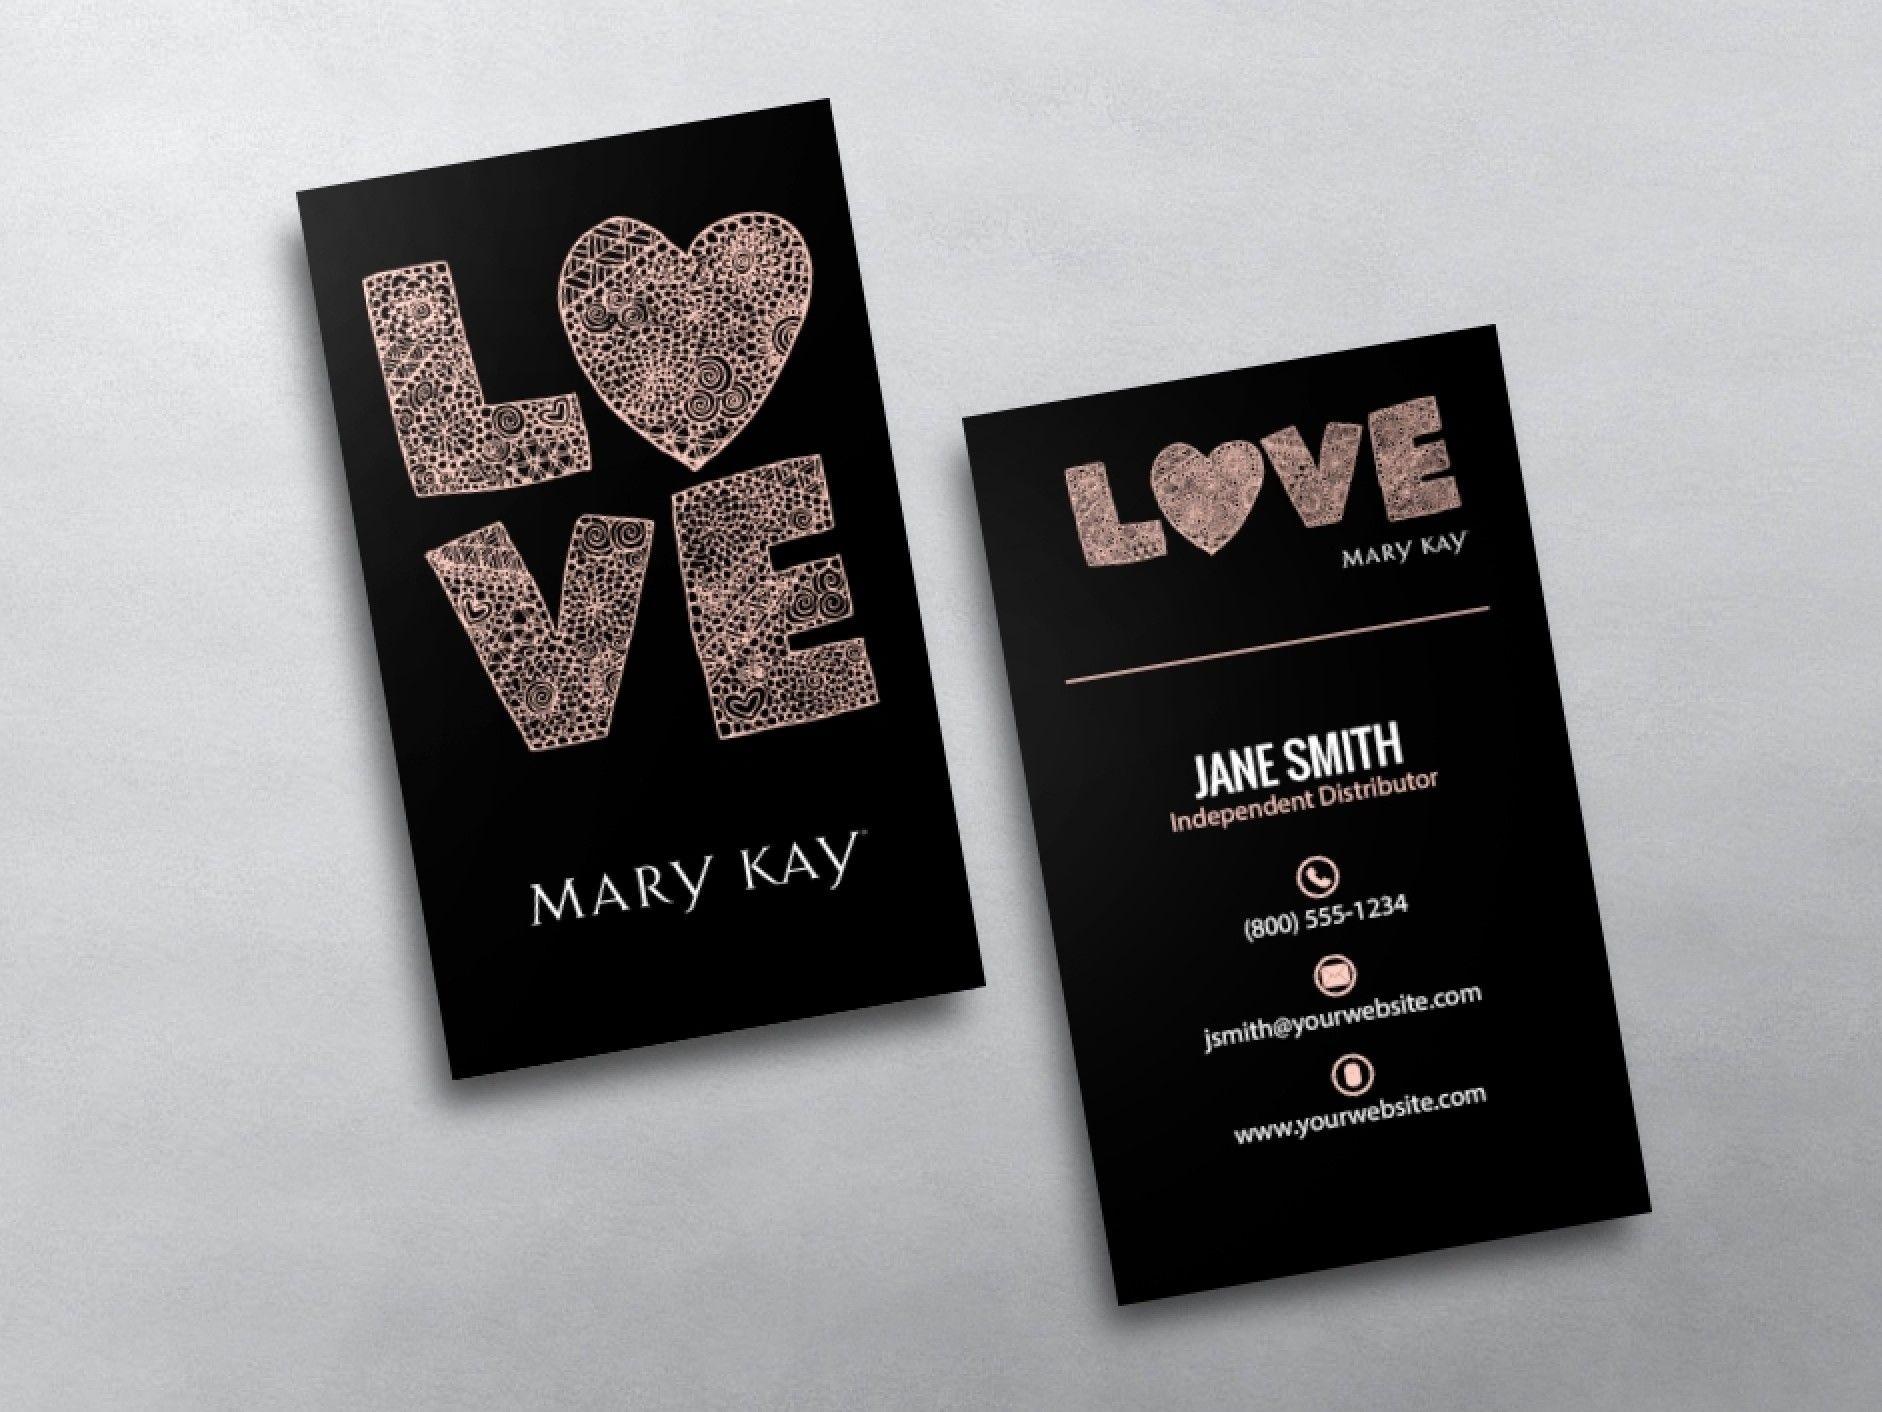 Mary Kay Business Cards In 2019 | Mary Kay | Mary Kay, Free Business - Free Printable Mary Kay Business Cards